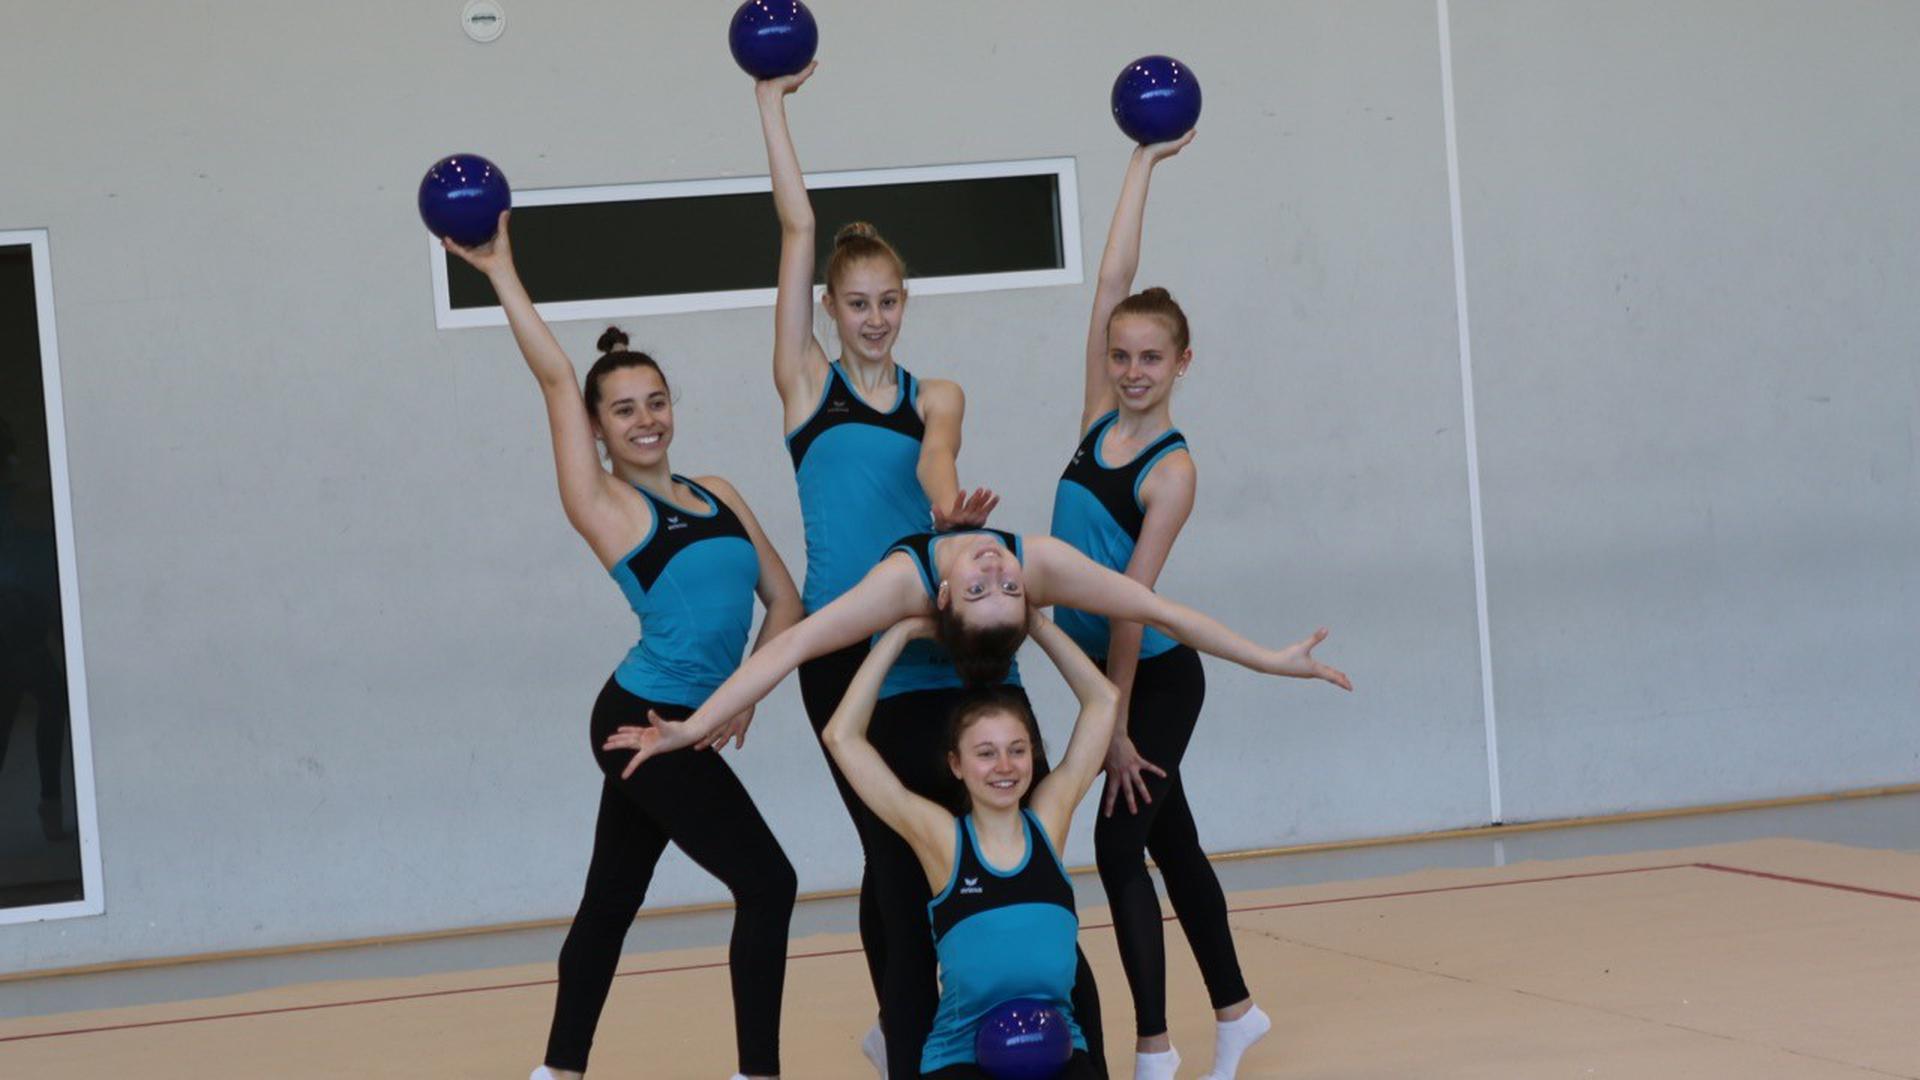 Die Sportgymnastinnen der Wettkampfgemeinschaft SSC Karlsruhe/TV Bretten